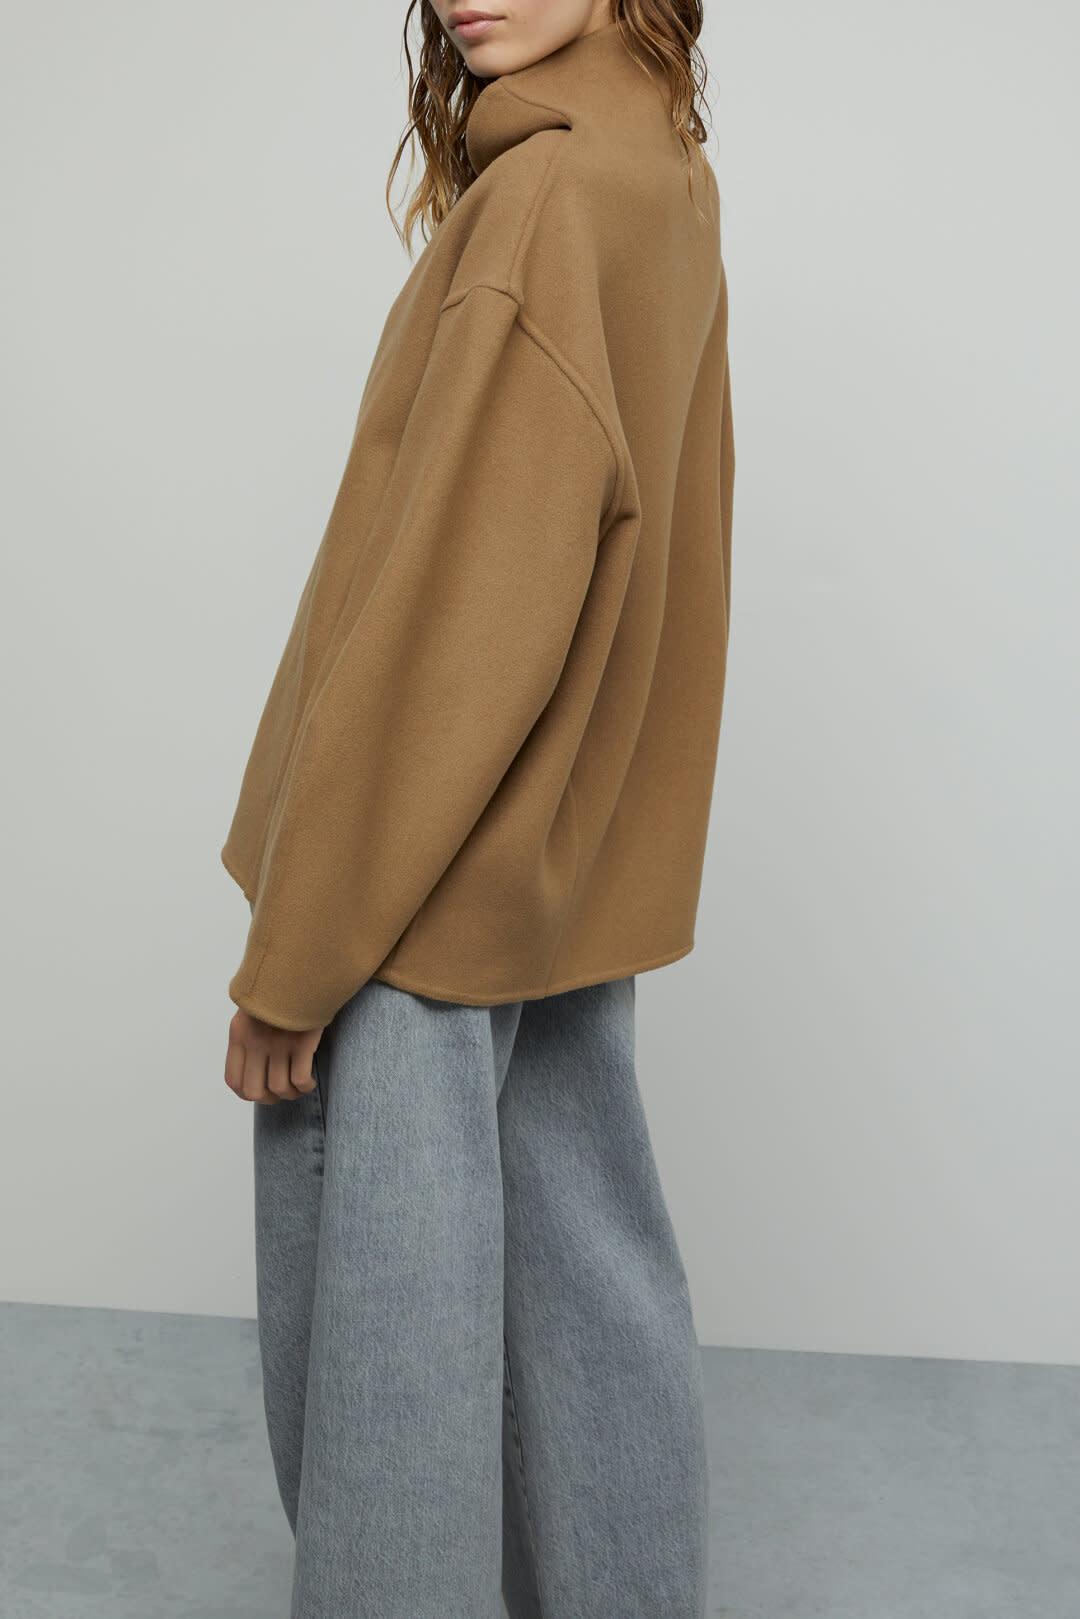 Wool Cashmere Overshirt - Dark Tan-2